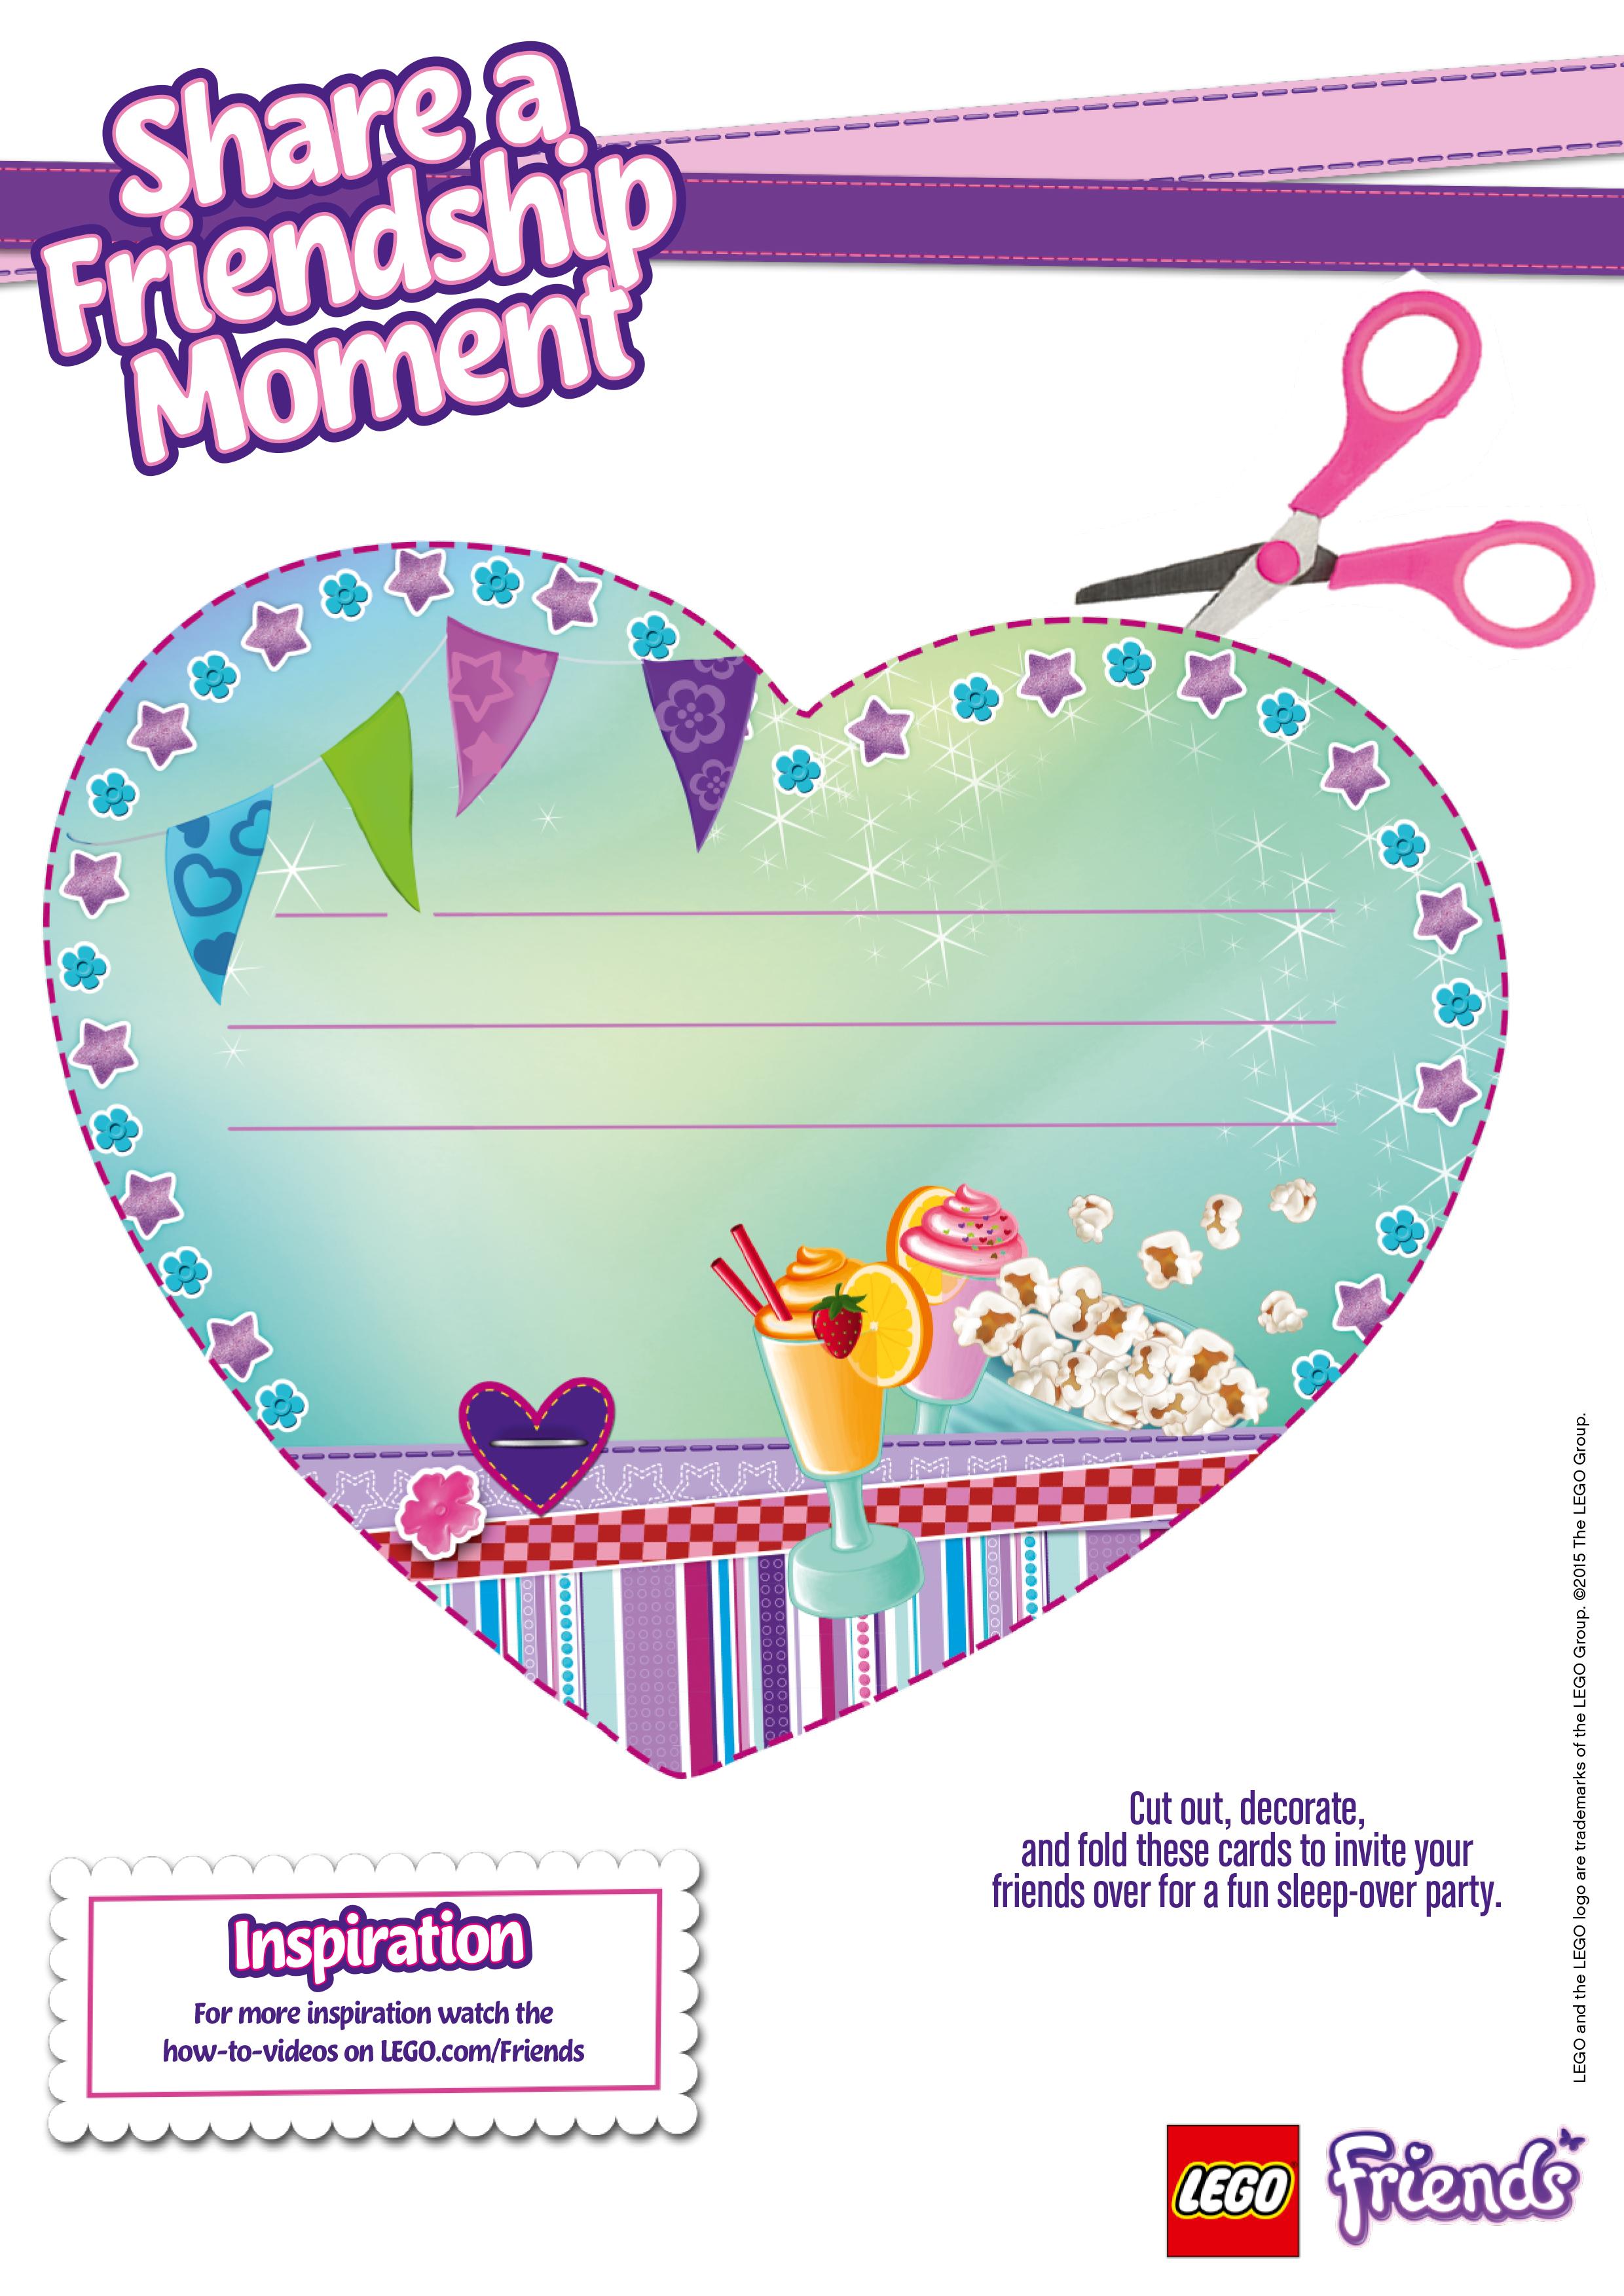 Картинки лего френдс для девочек - b5